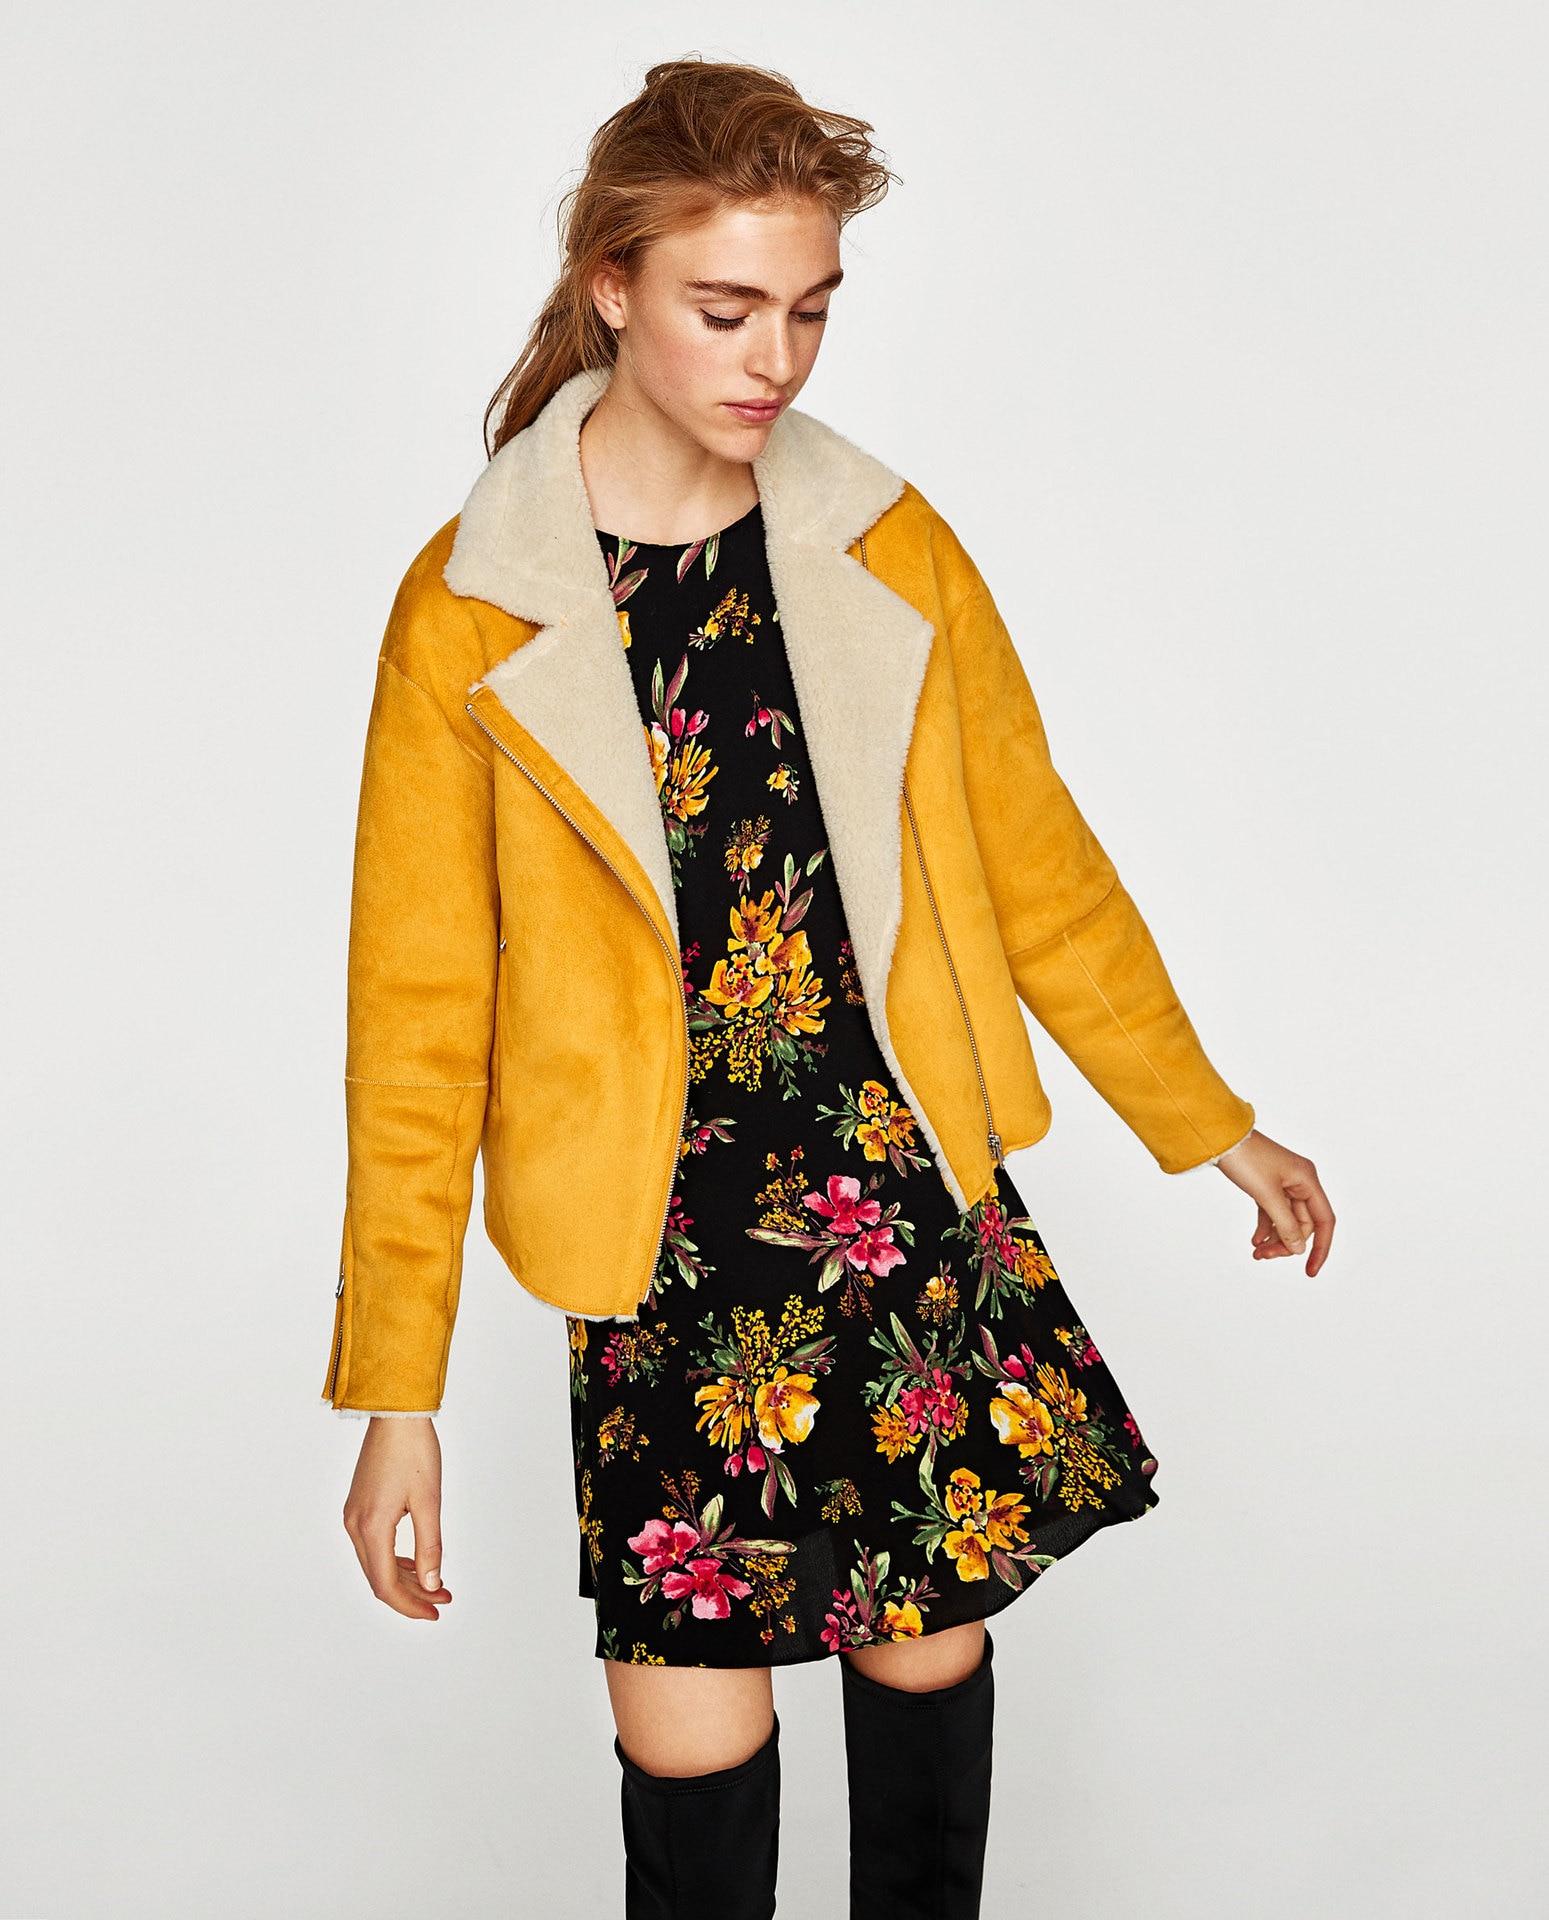 c4ad5e934509 jaune Veste Manteaux Épais Collier Courte Kaki Femmes 2018 Chaud  Survêtement De D hiver Faux Mode Poches Zipper Laine Suede ...